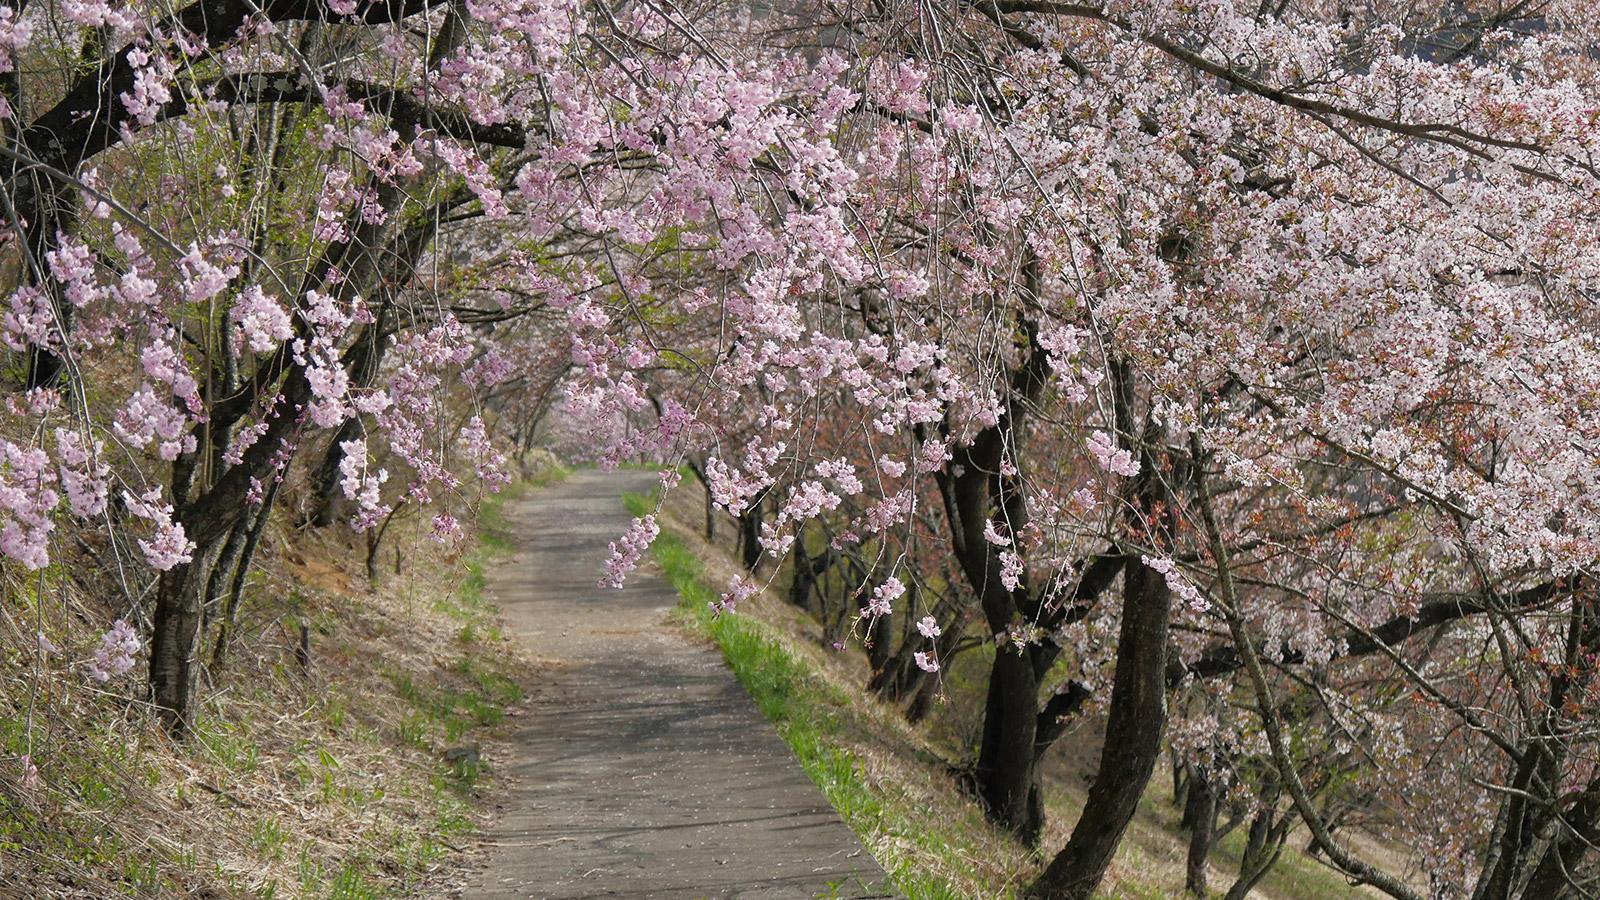 桜もソメイヨシノは散り枝垂系が咲いていました